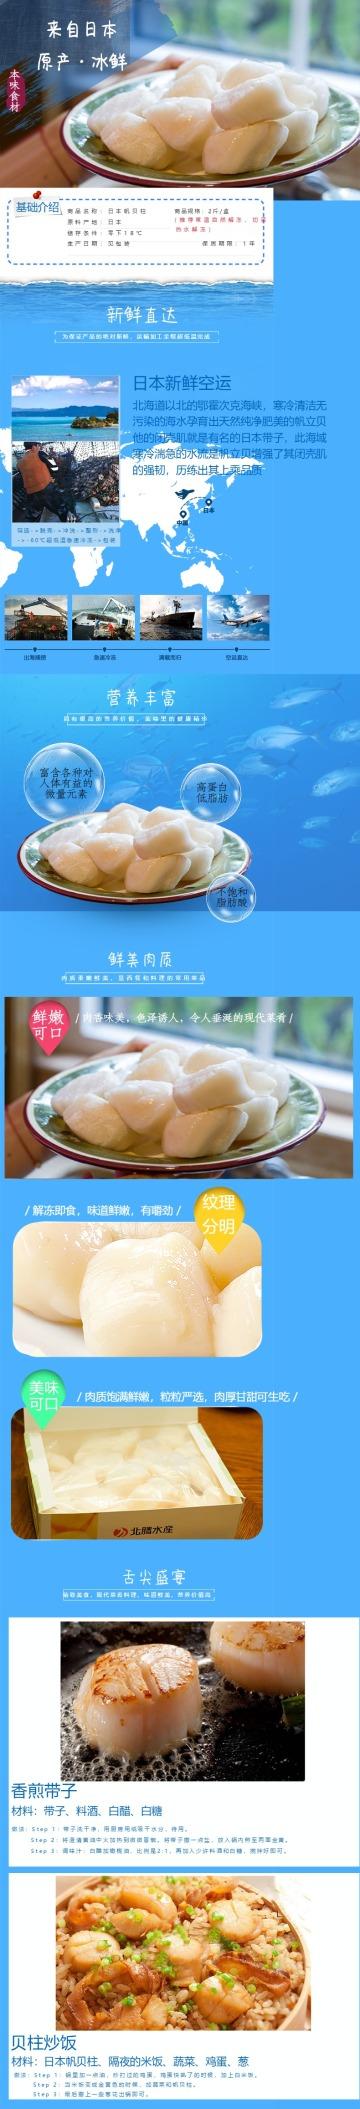 清新冰鲜贝柱食品电商详情页